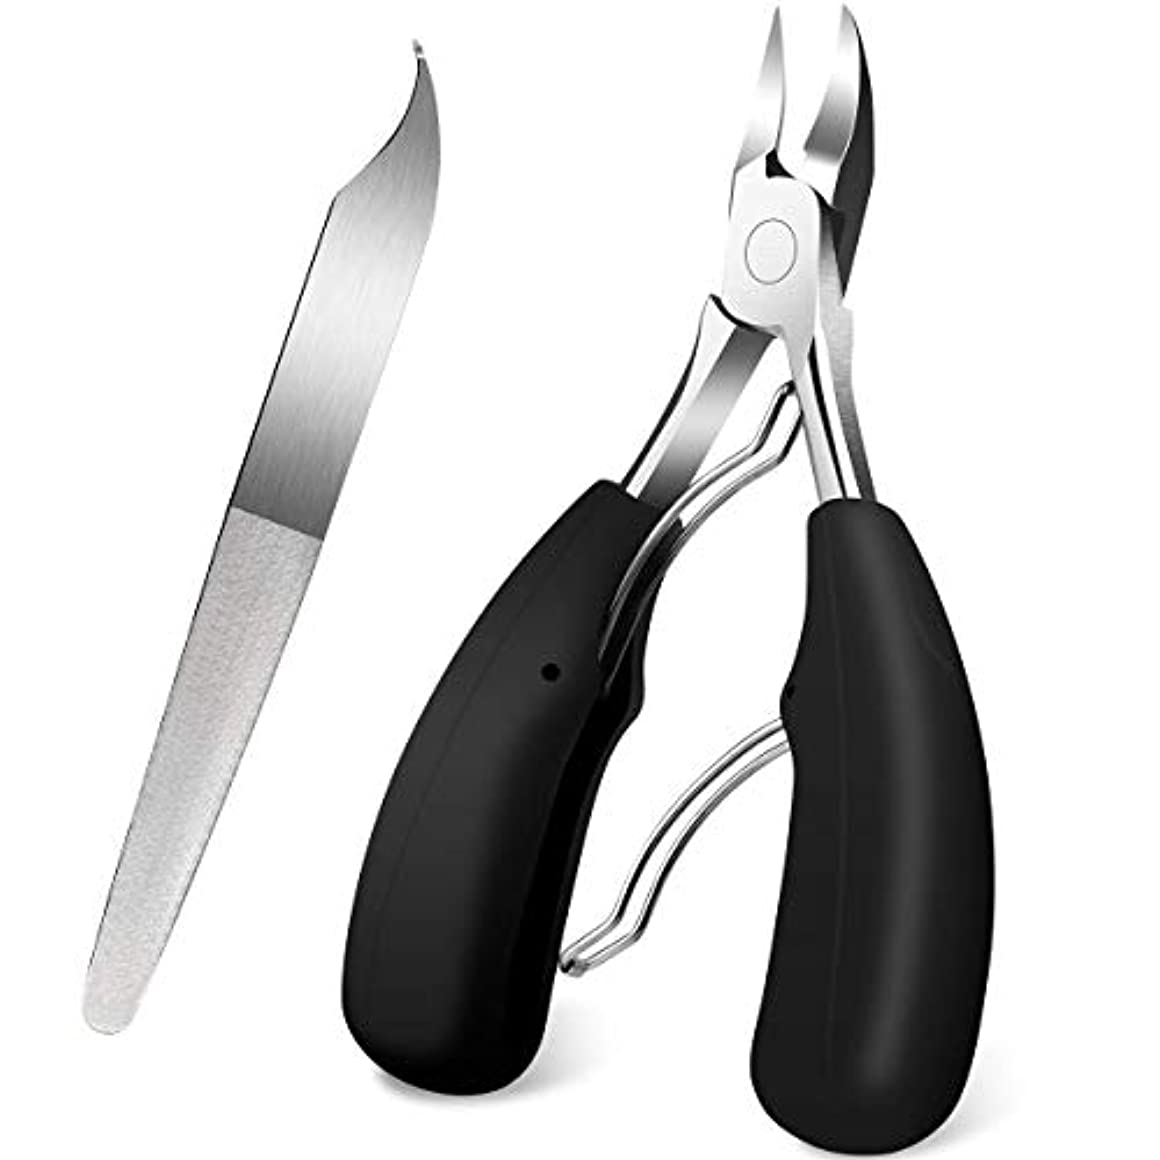 戦闘四半期苦行爪切り ニッパー 巻き爪 変形爪 硬い爪 ネイルケア 3way仕様爪やすり 手足兼用 つめきり (2点セット) …